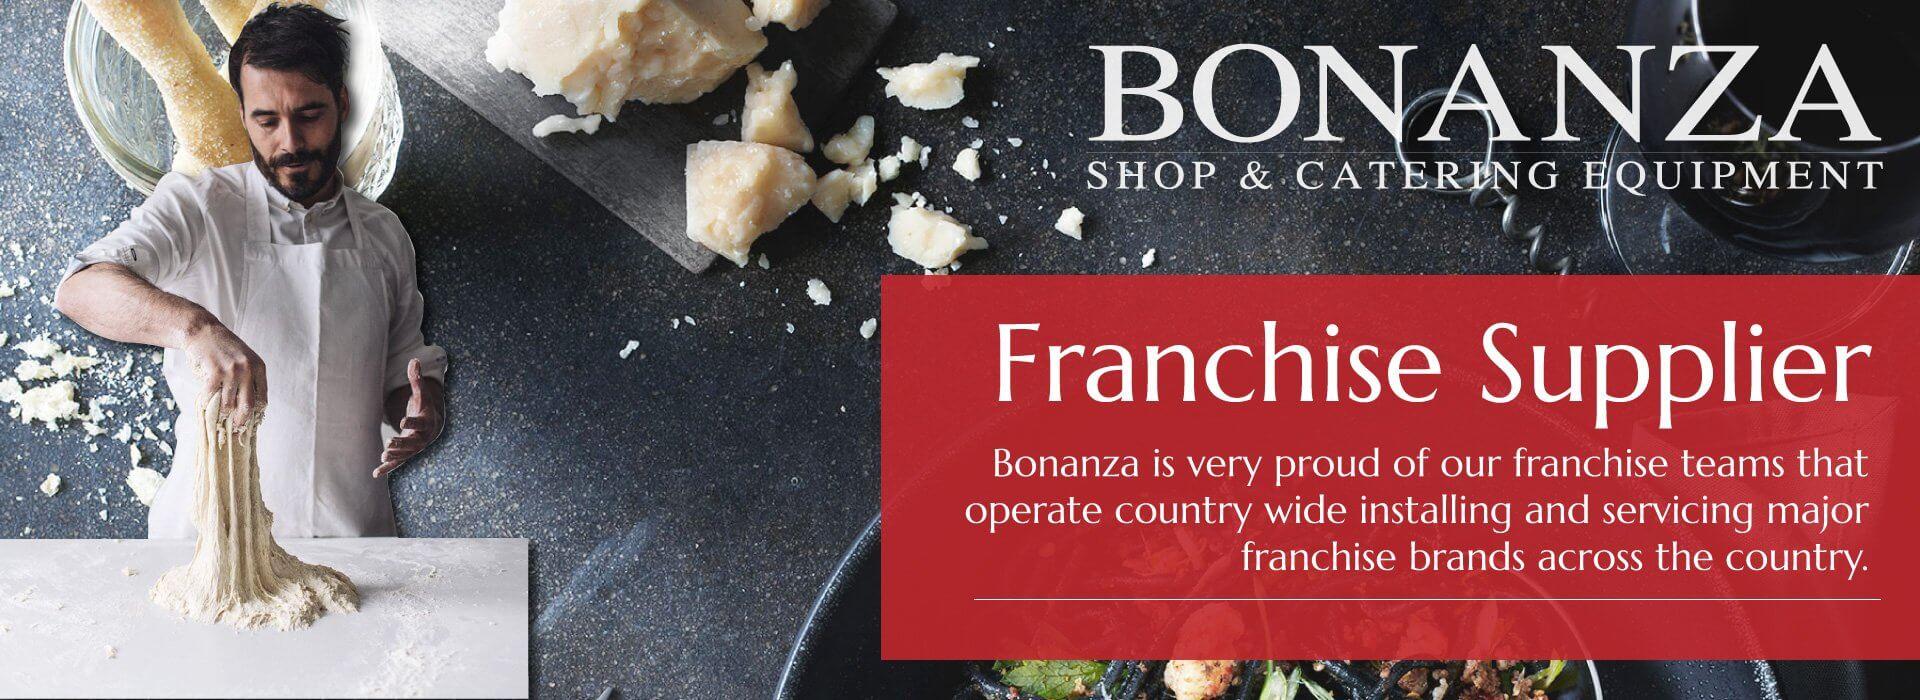 banner 3 bonanza shop